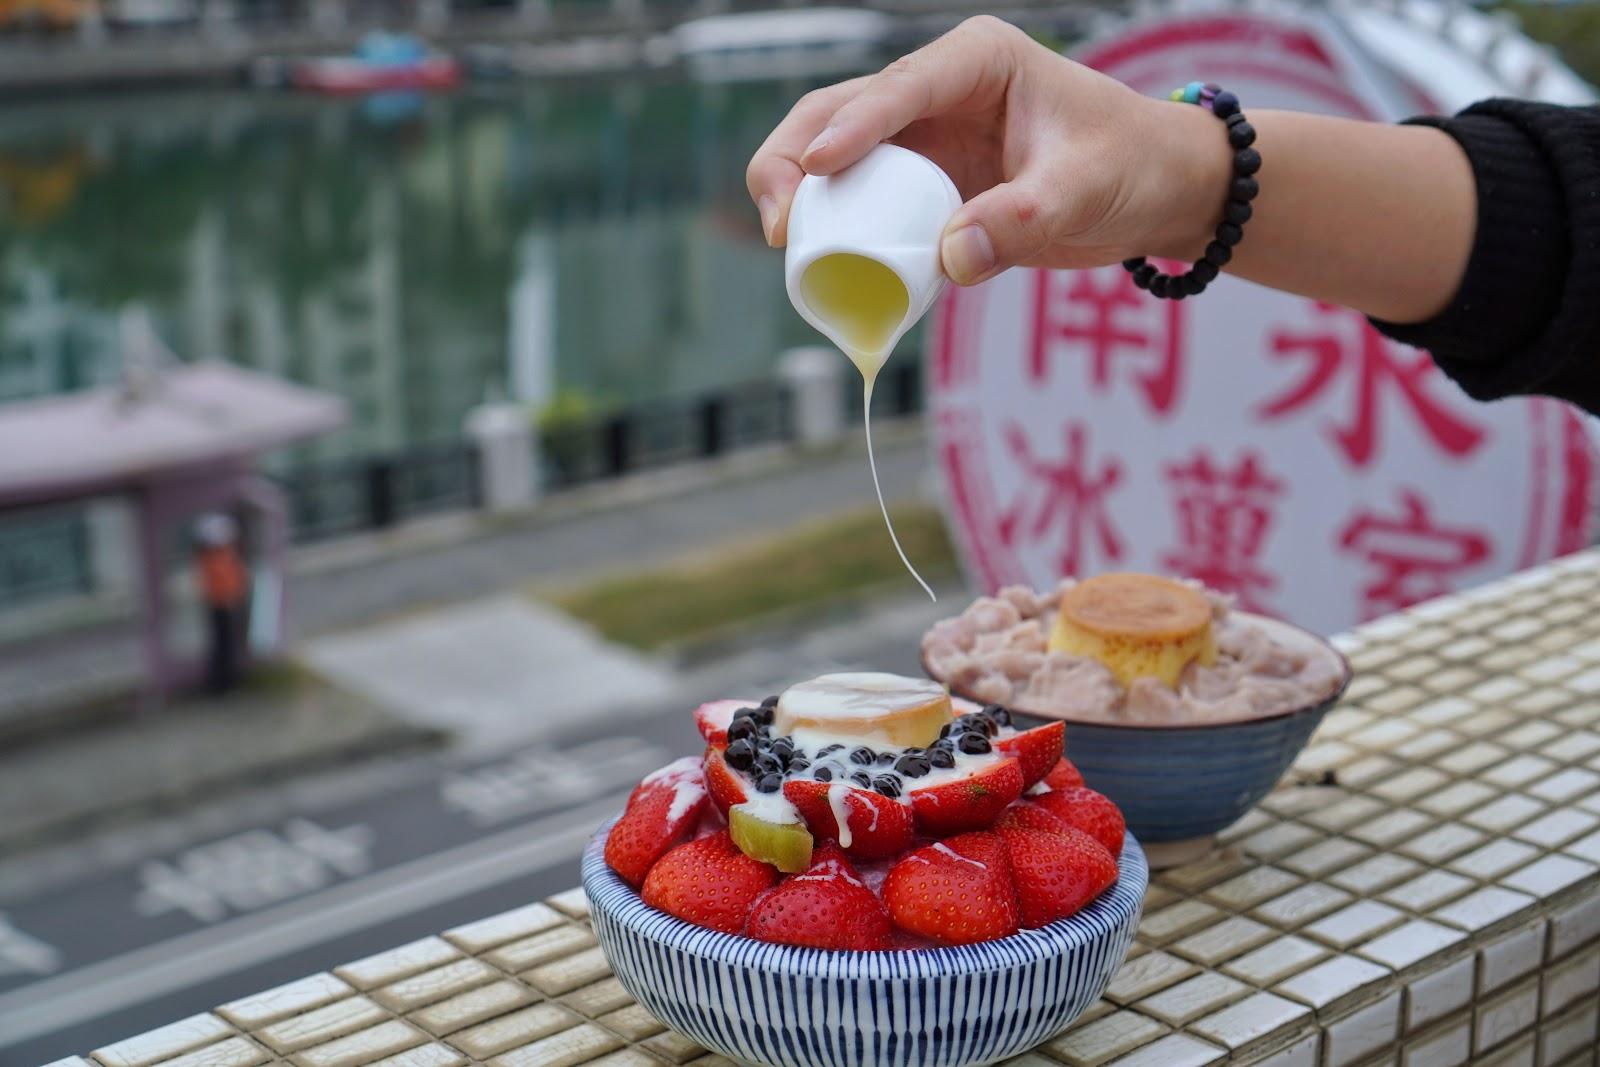 台南美食【南泉冰菓室】草莓布丁冰